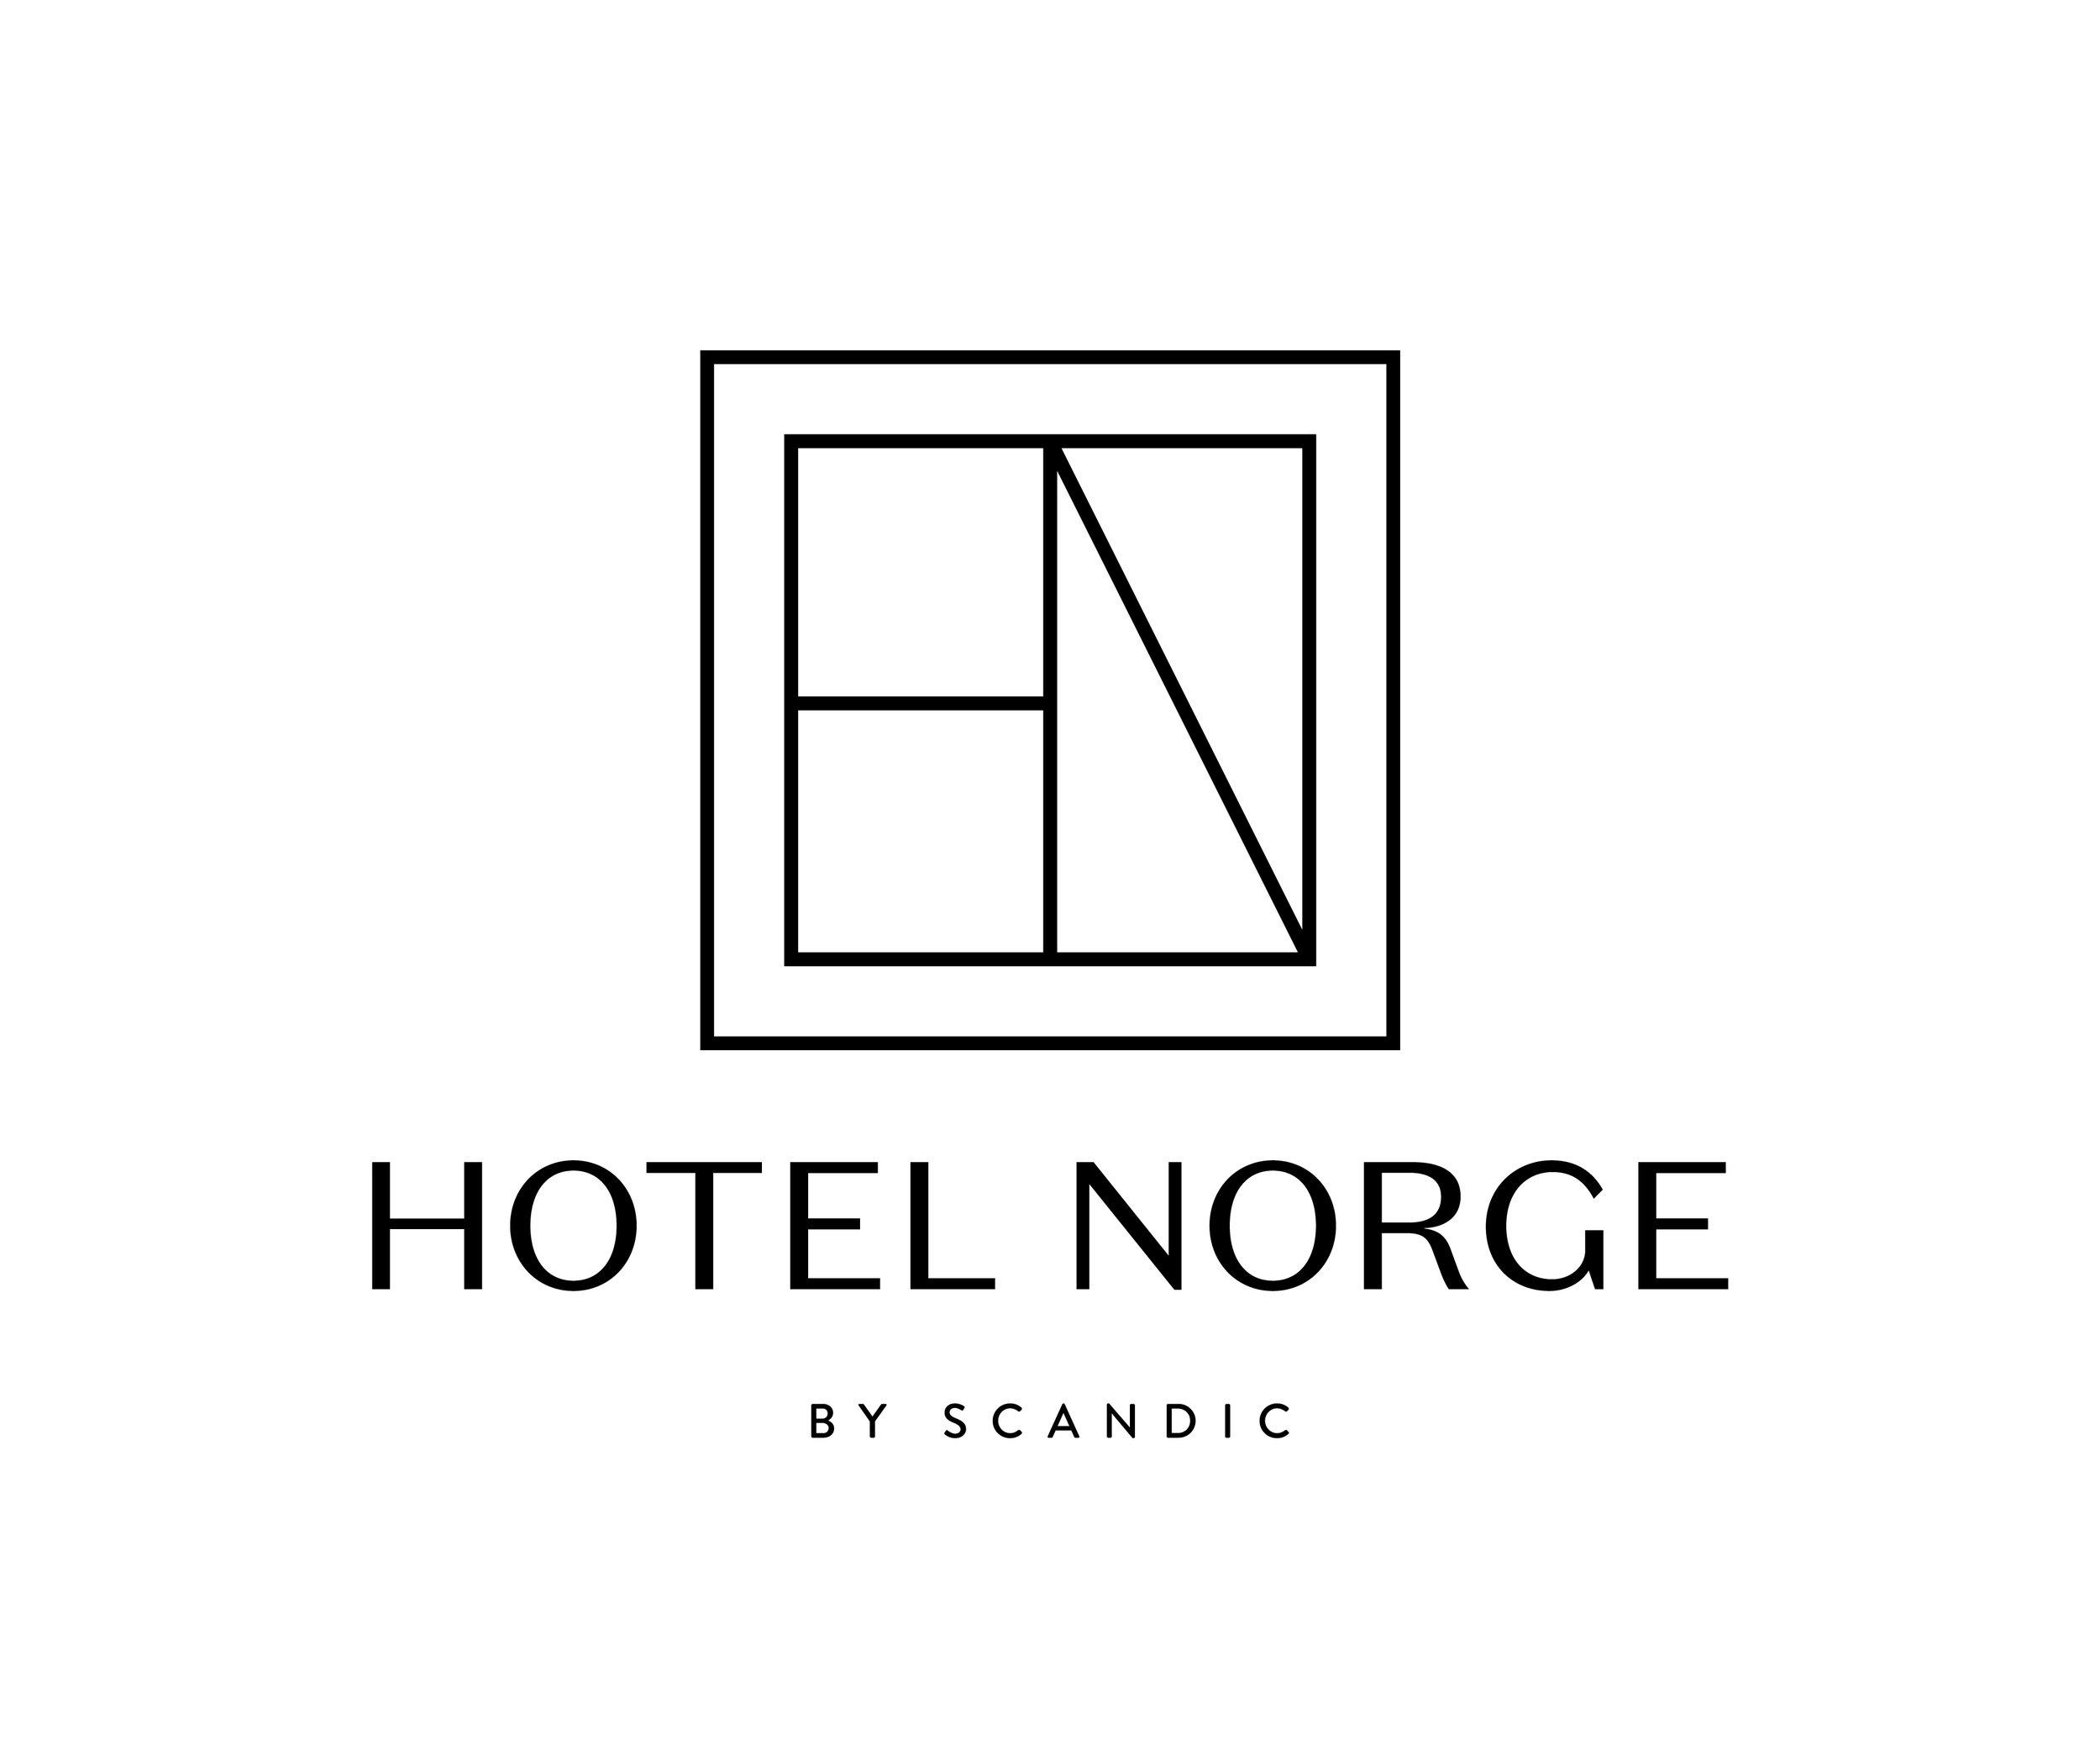 Hotel Norge by Scandic Vertikal Sort RGB (002).JPG